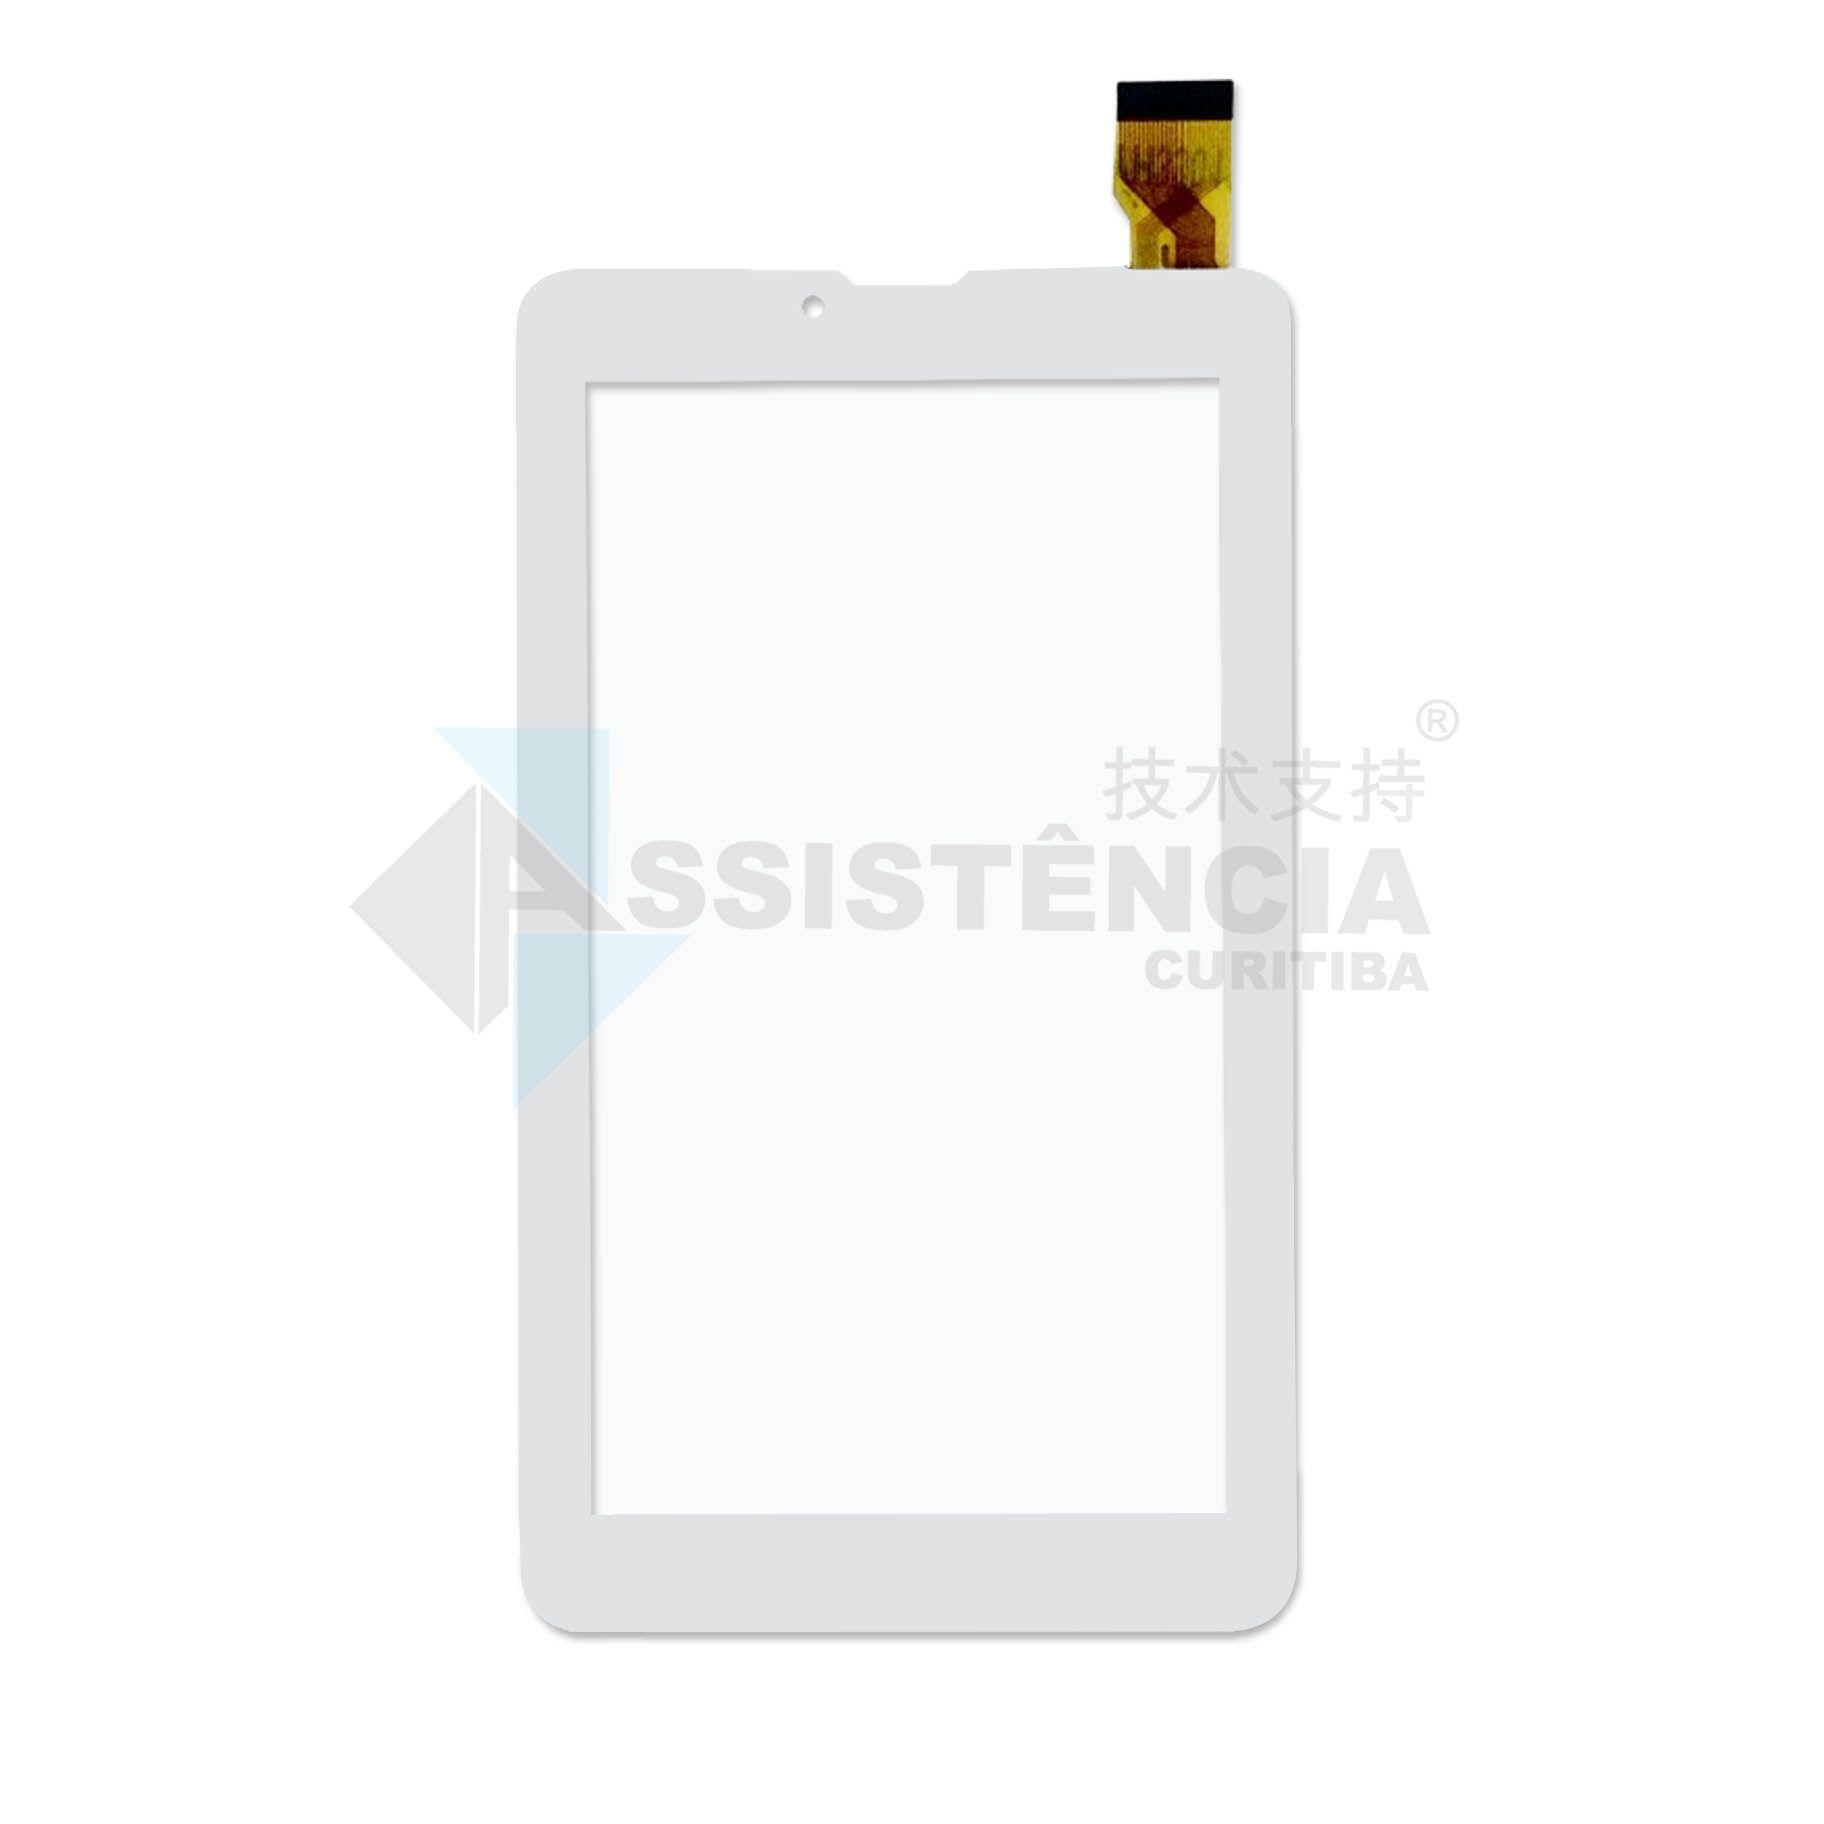 Tela Touch Dl Intel Inside LT-546 LT-616 Branco